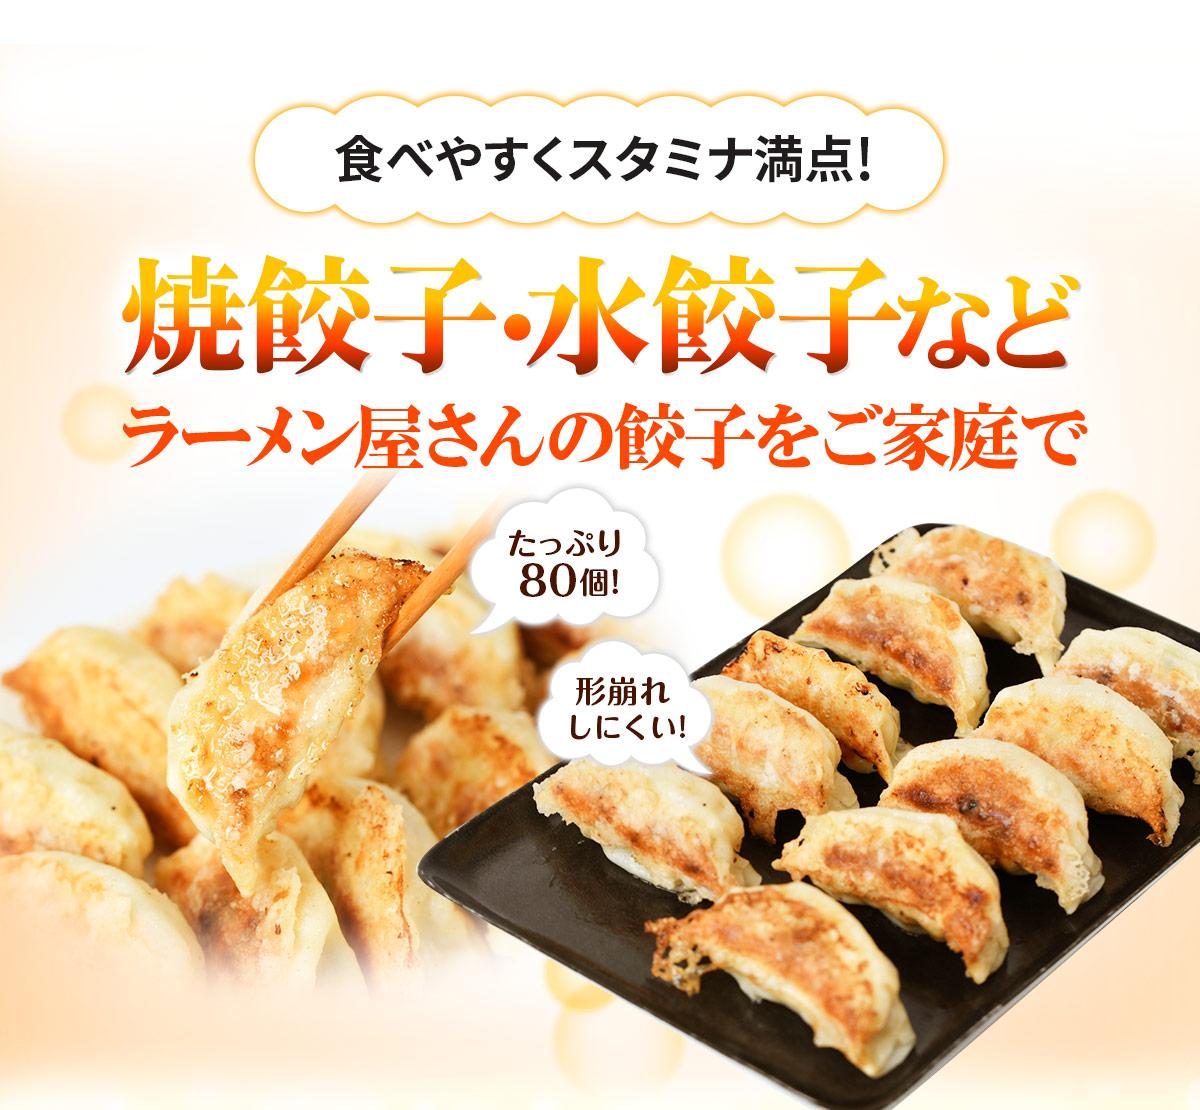 スタミナ餃子